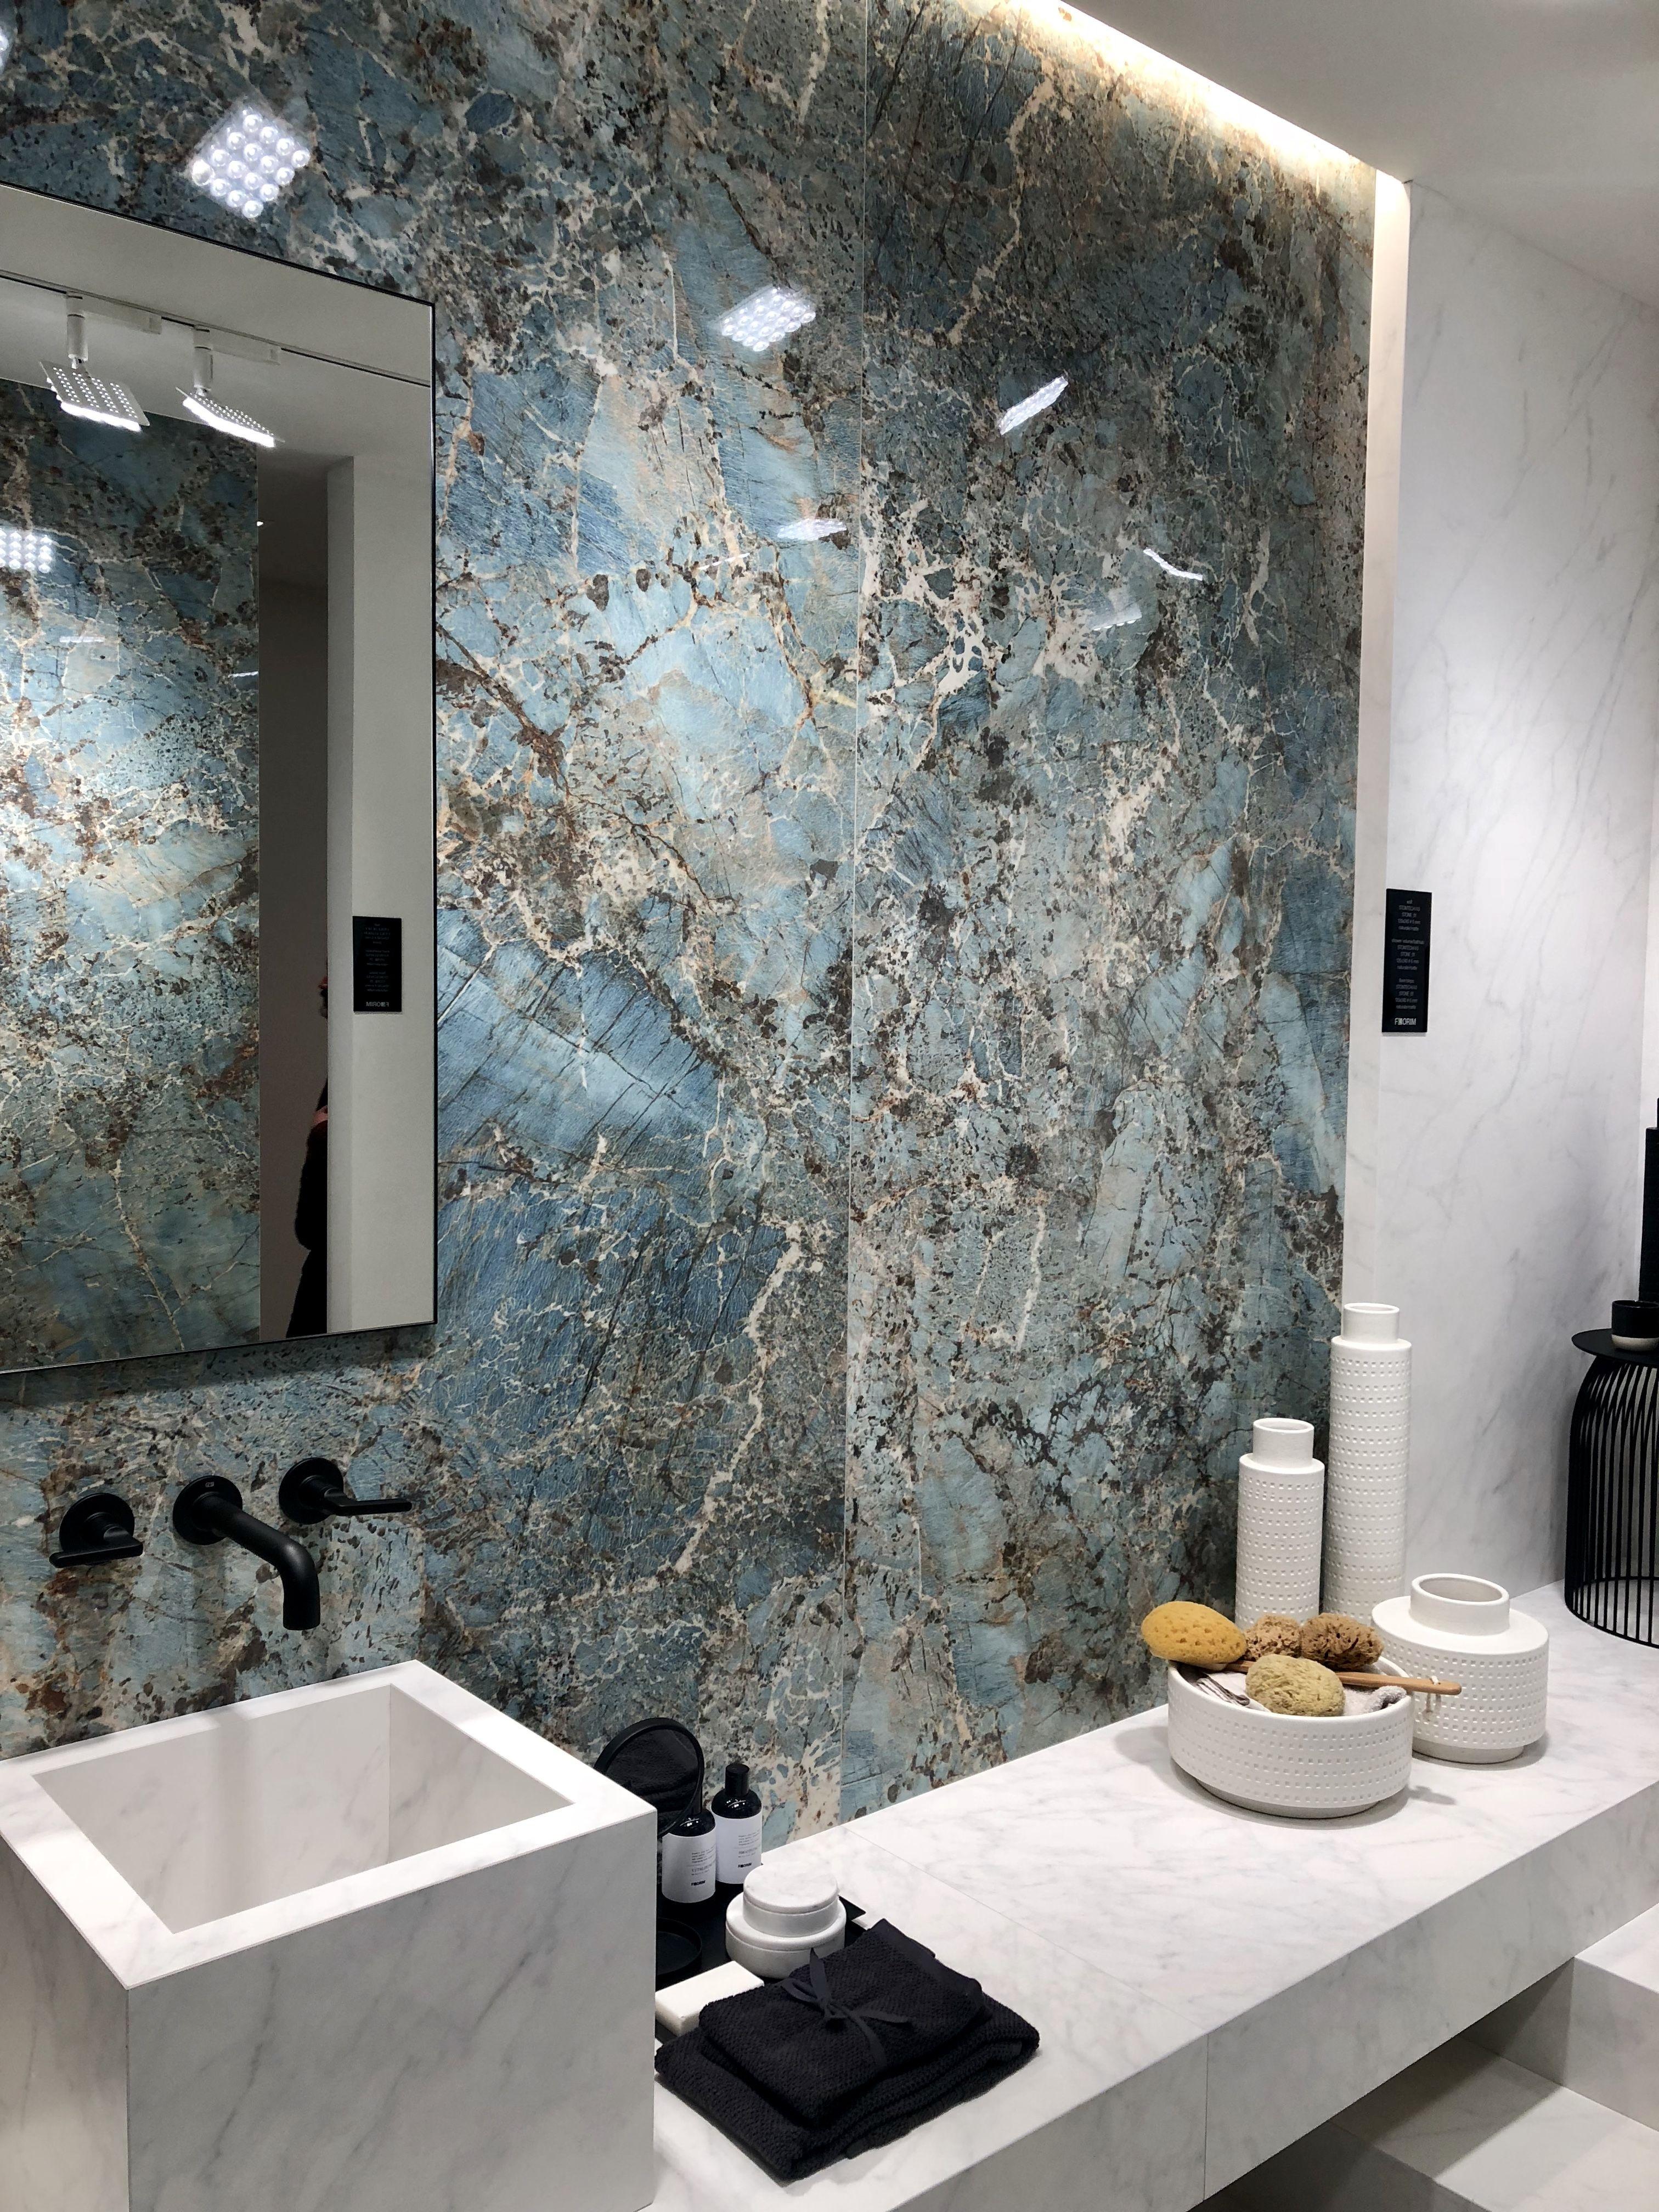 Carrelage Imitation Marbre Bleu Nouveauté Pour 2019 Au Salon Cersaie à  Bologne